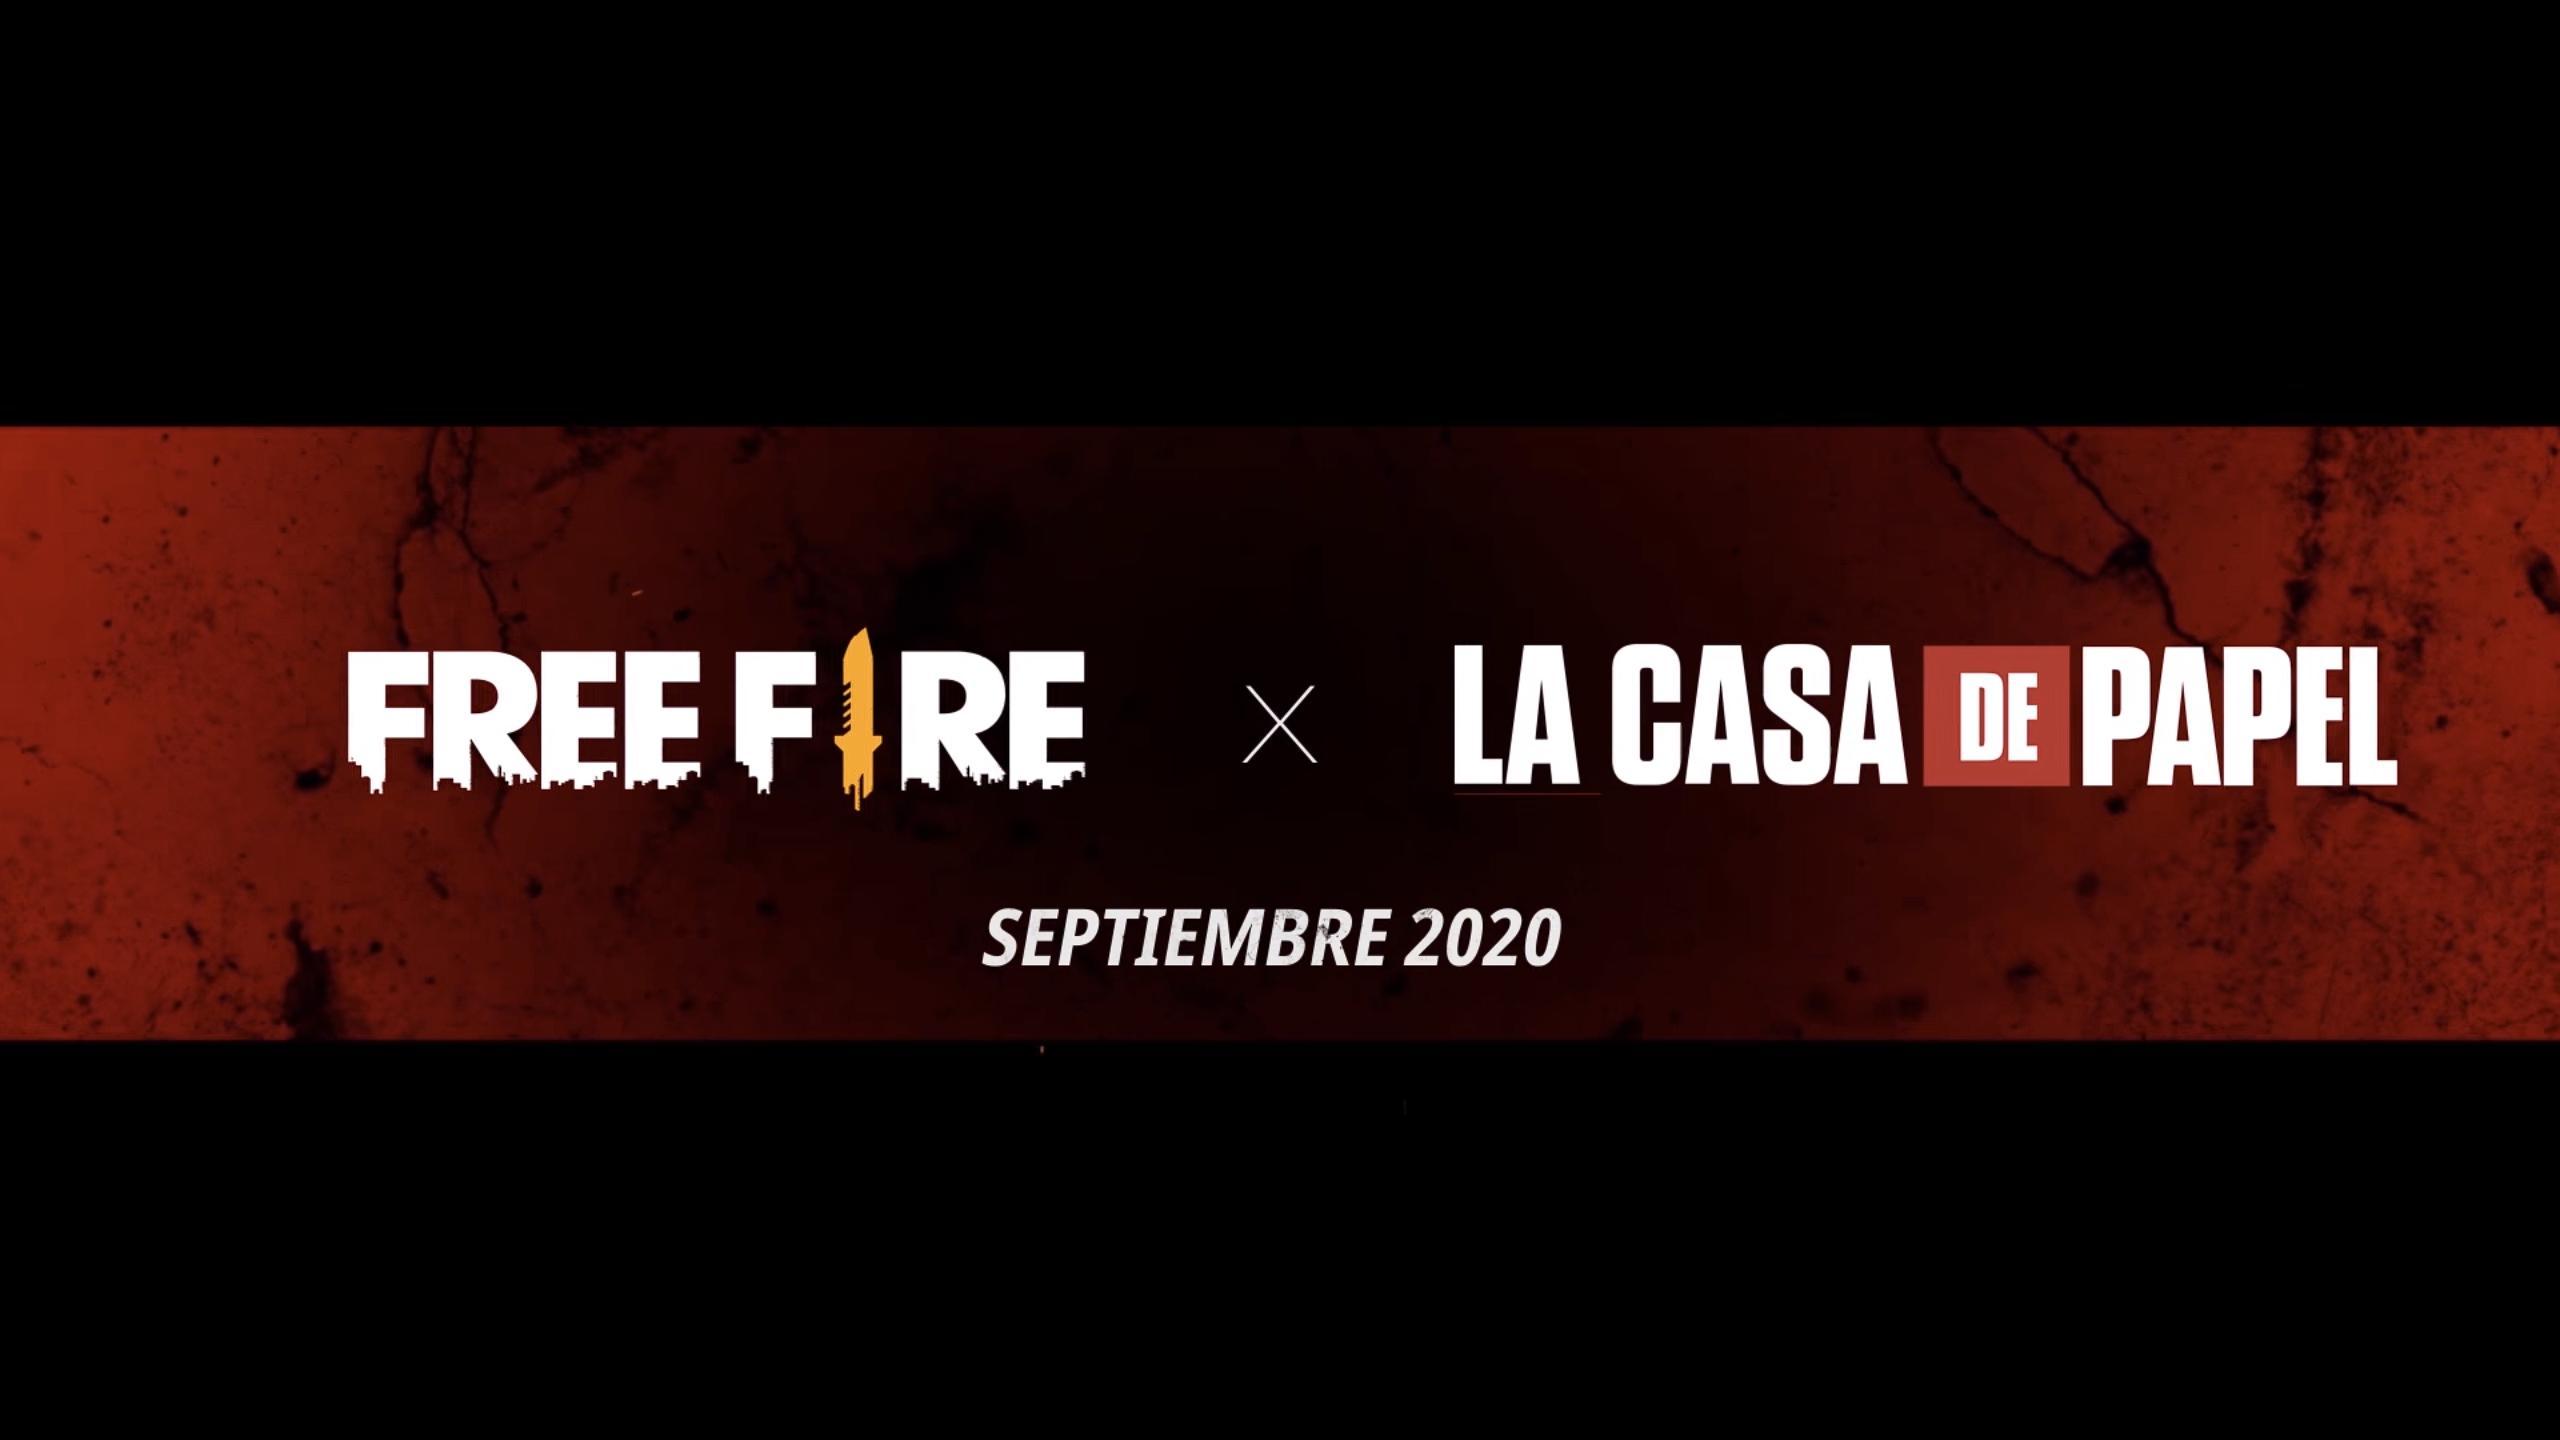 garena free fire colaboración casa de papel